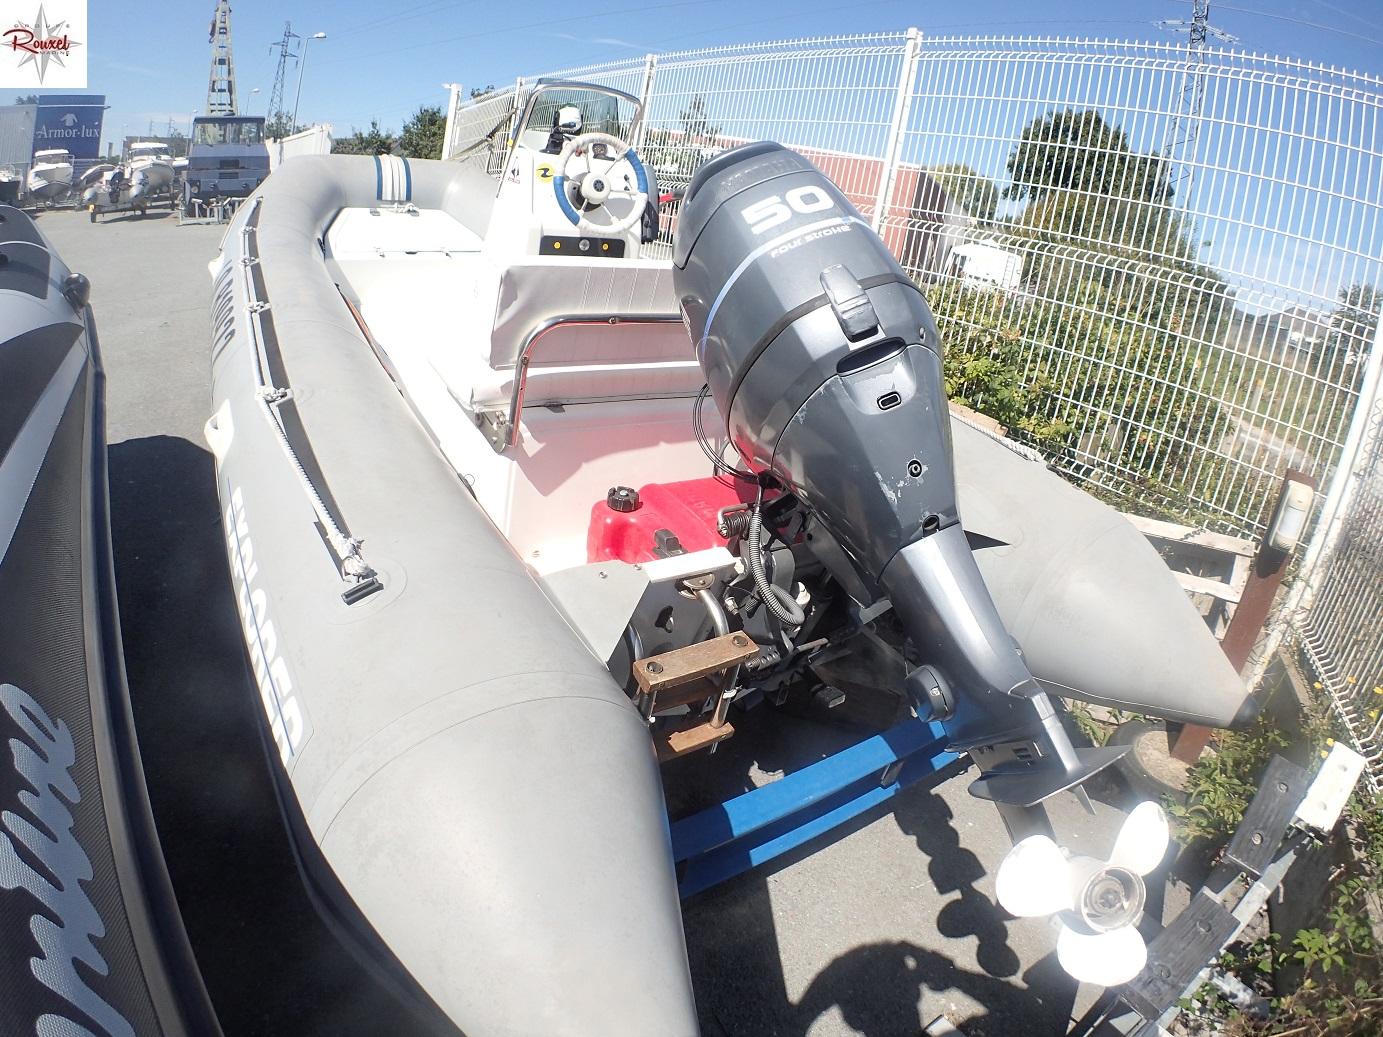 Bombard 485 - THI-IAN - 1999